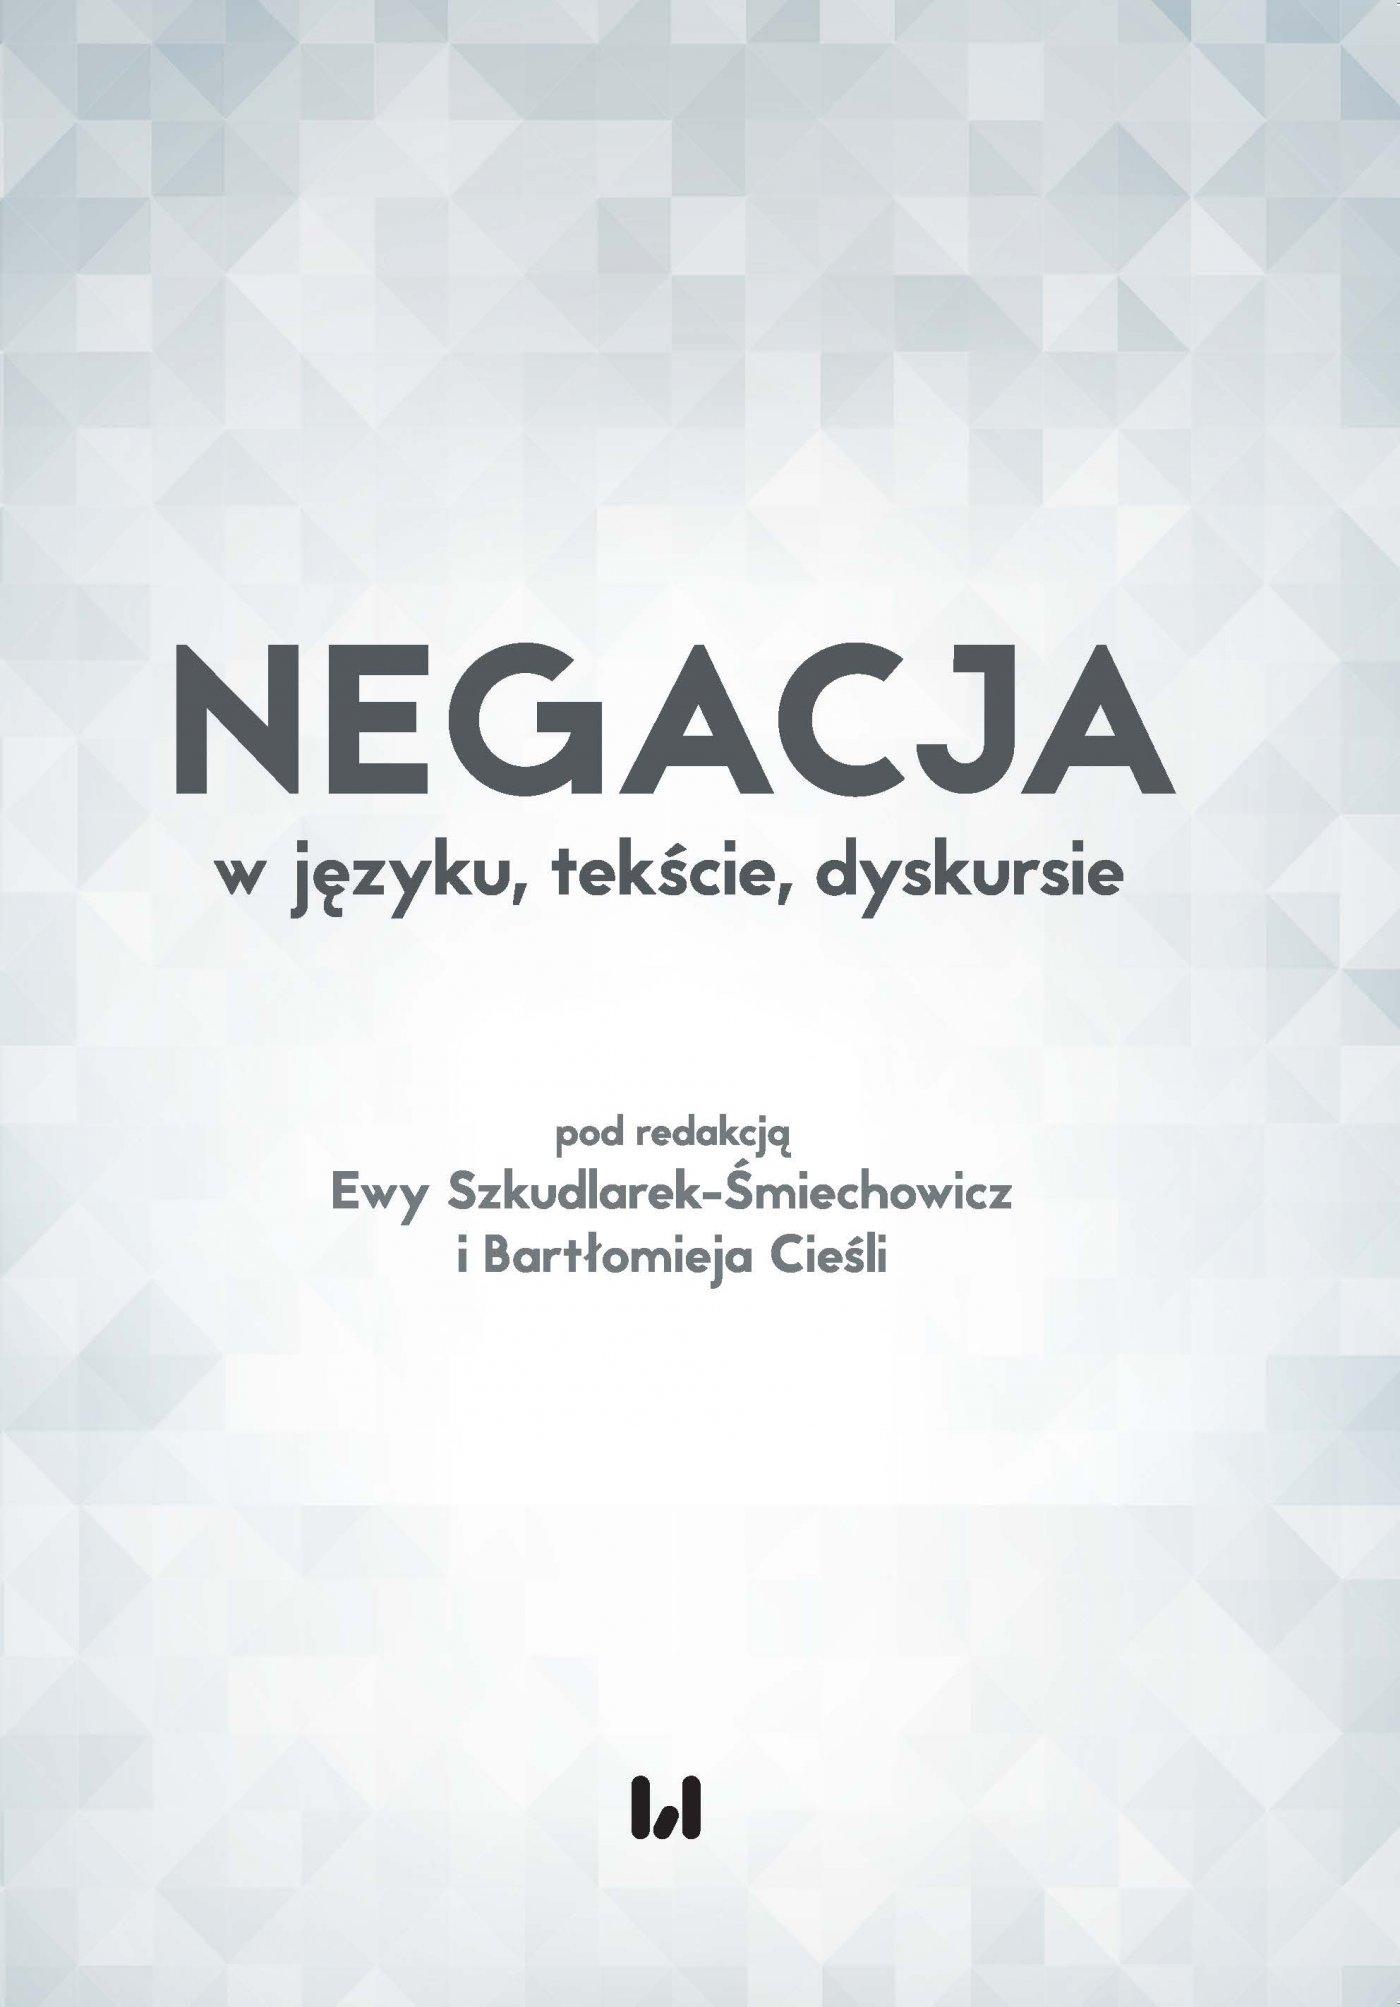 Negacja w języku, tekście, dyskursie - Ebook (Książka PDF) do pobrania w formacie PDF